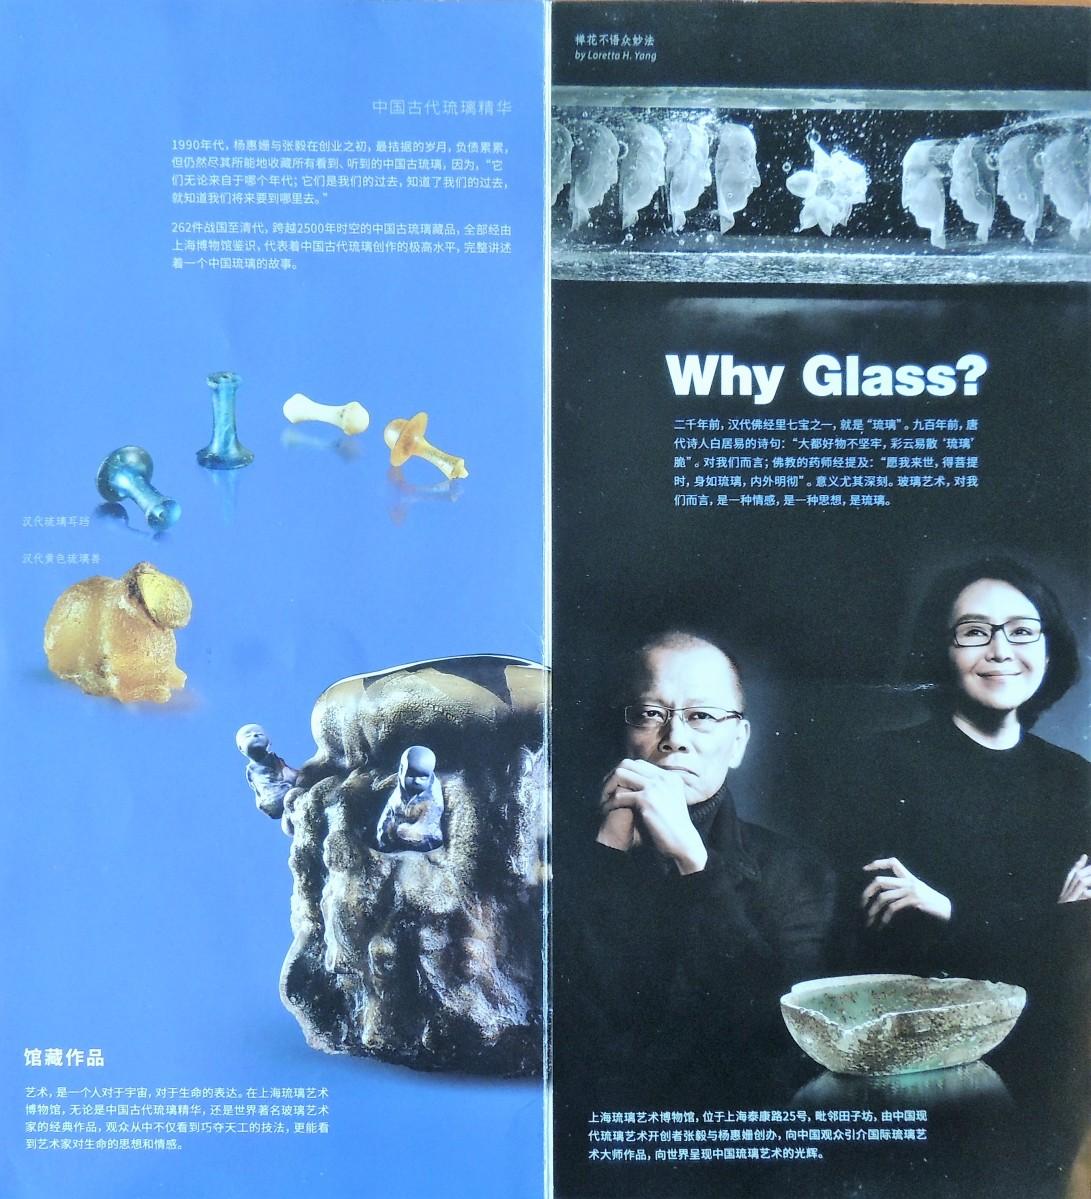 Baccarat achetée par un fonds d'investissement chinois - LIULI Crystal Art : le goût chinois concurrent de l'art verrier français